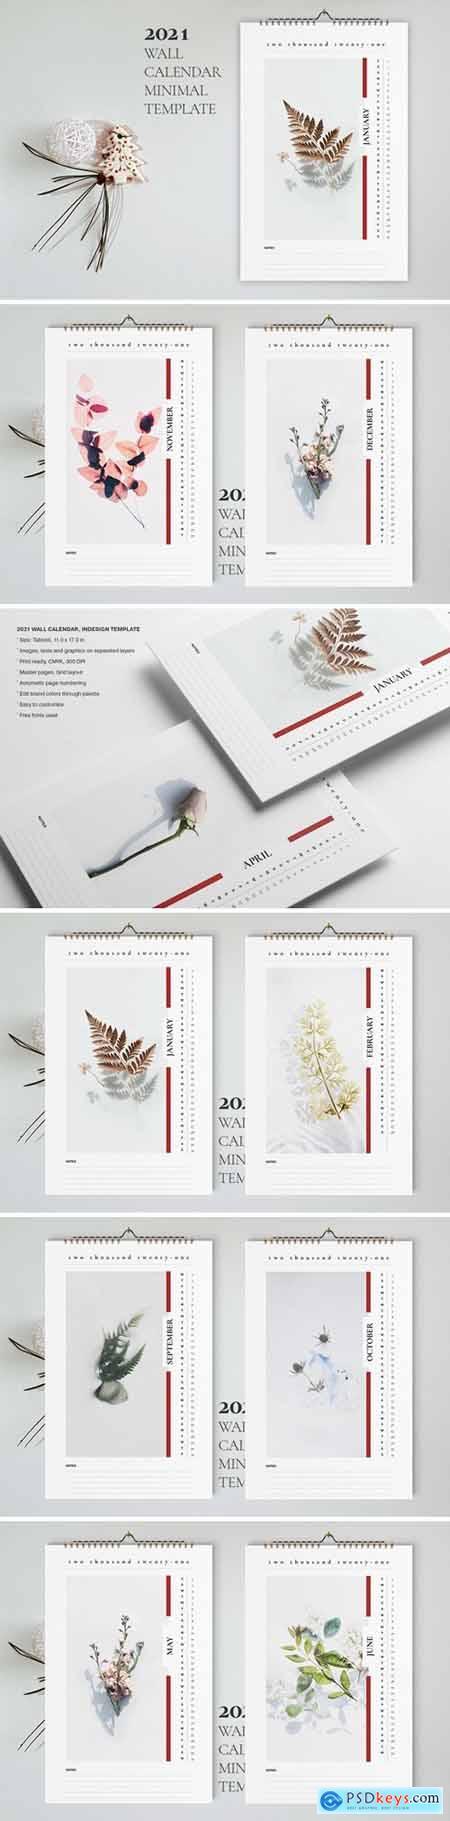 Wall Calendar 2021 Template256